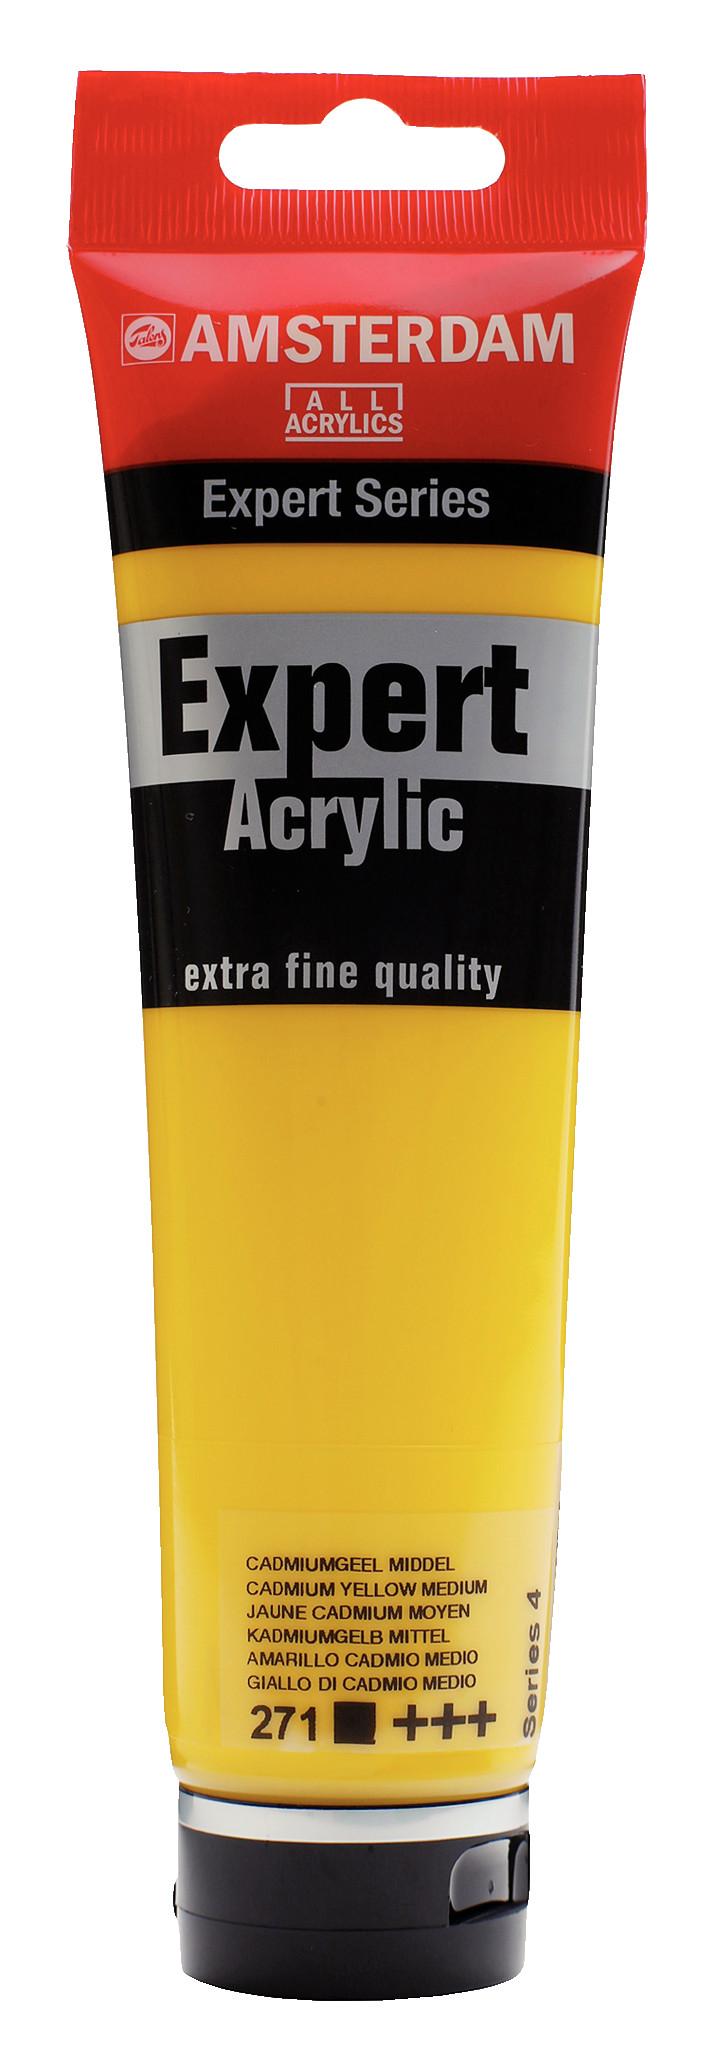 Amsterdam Expert Series Acrylic Tube 150 ml Cadmium Yellow Medium 271